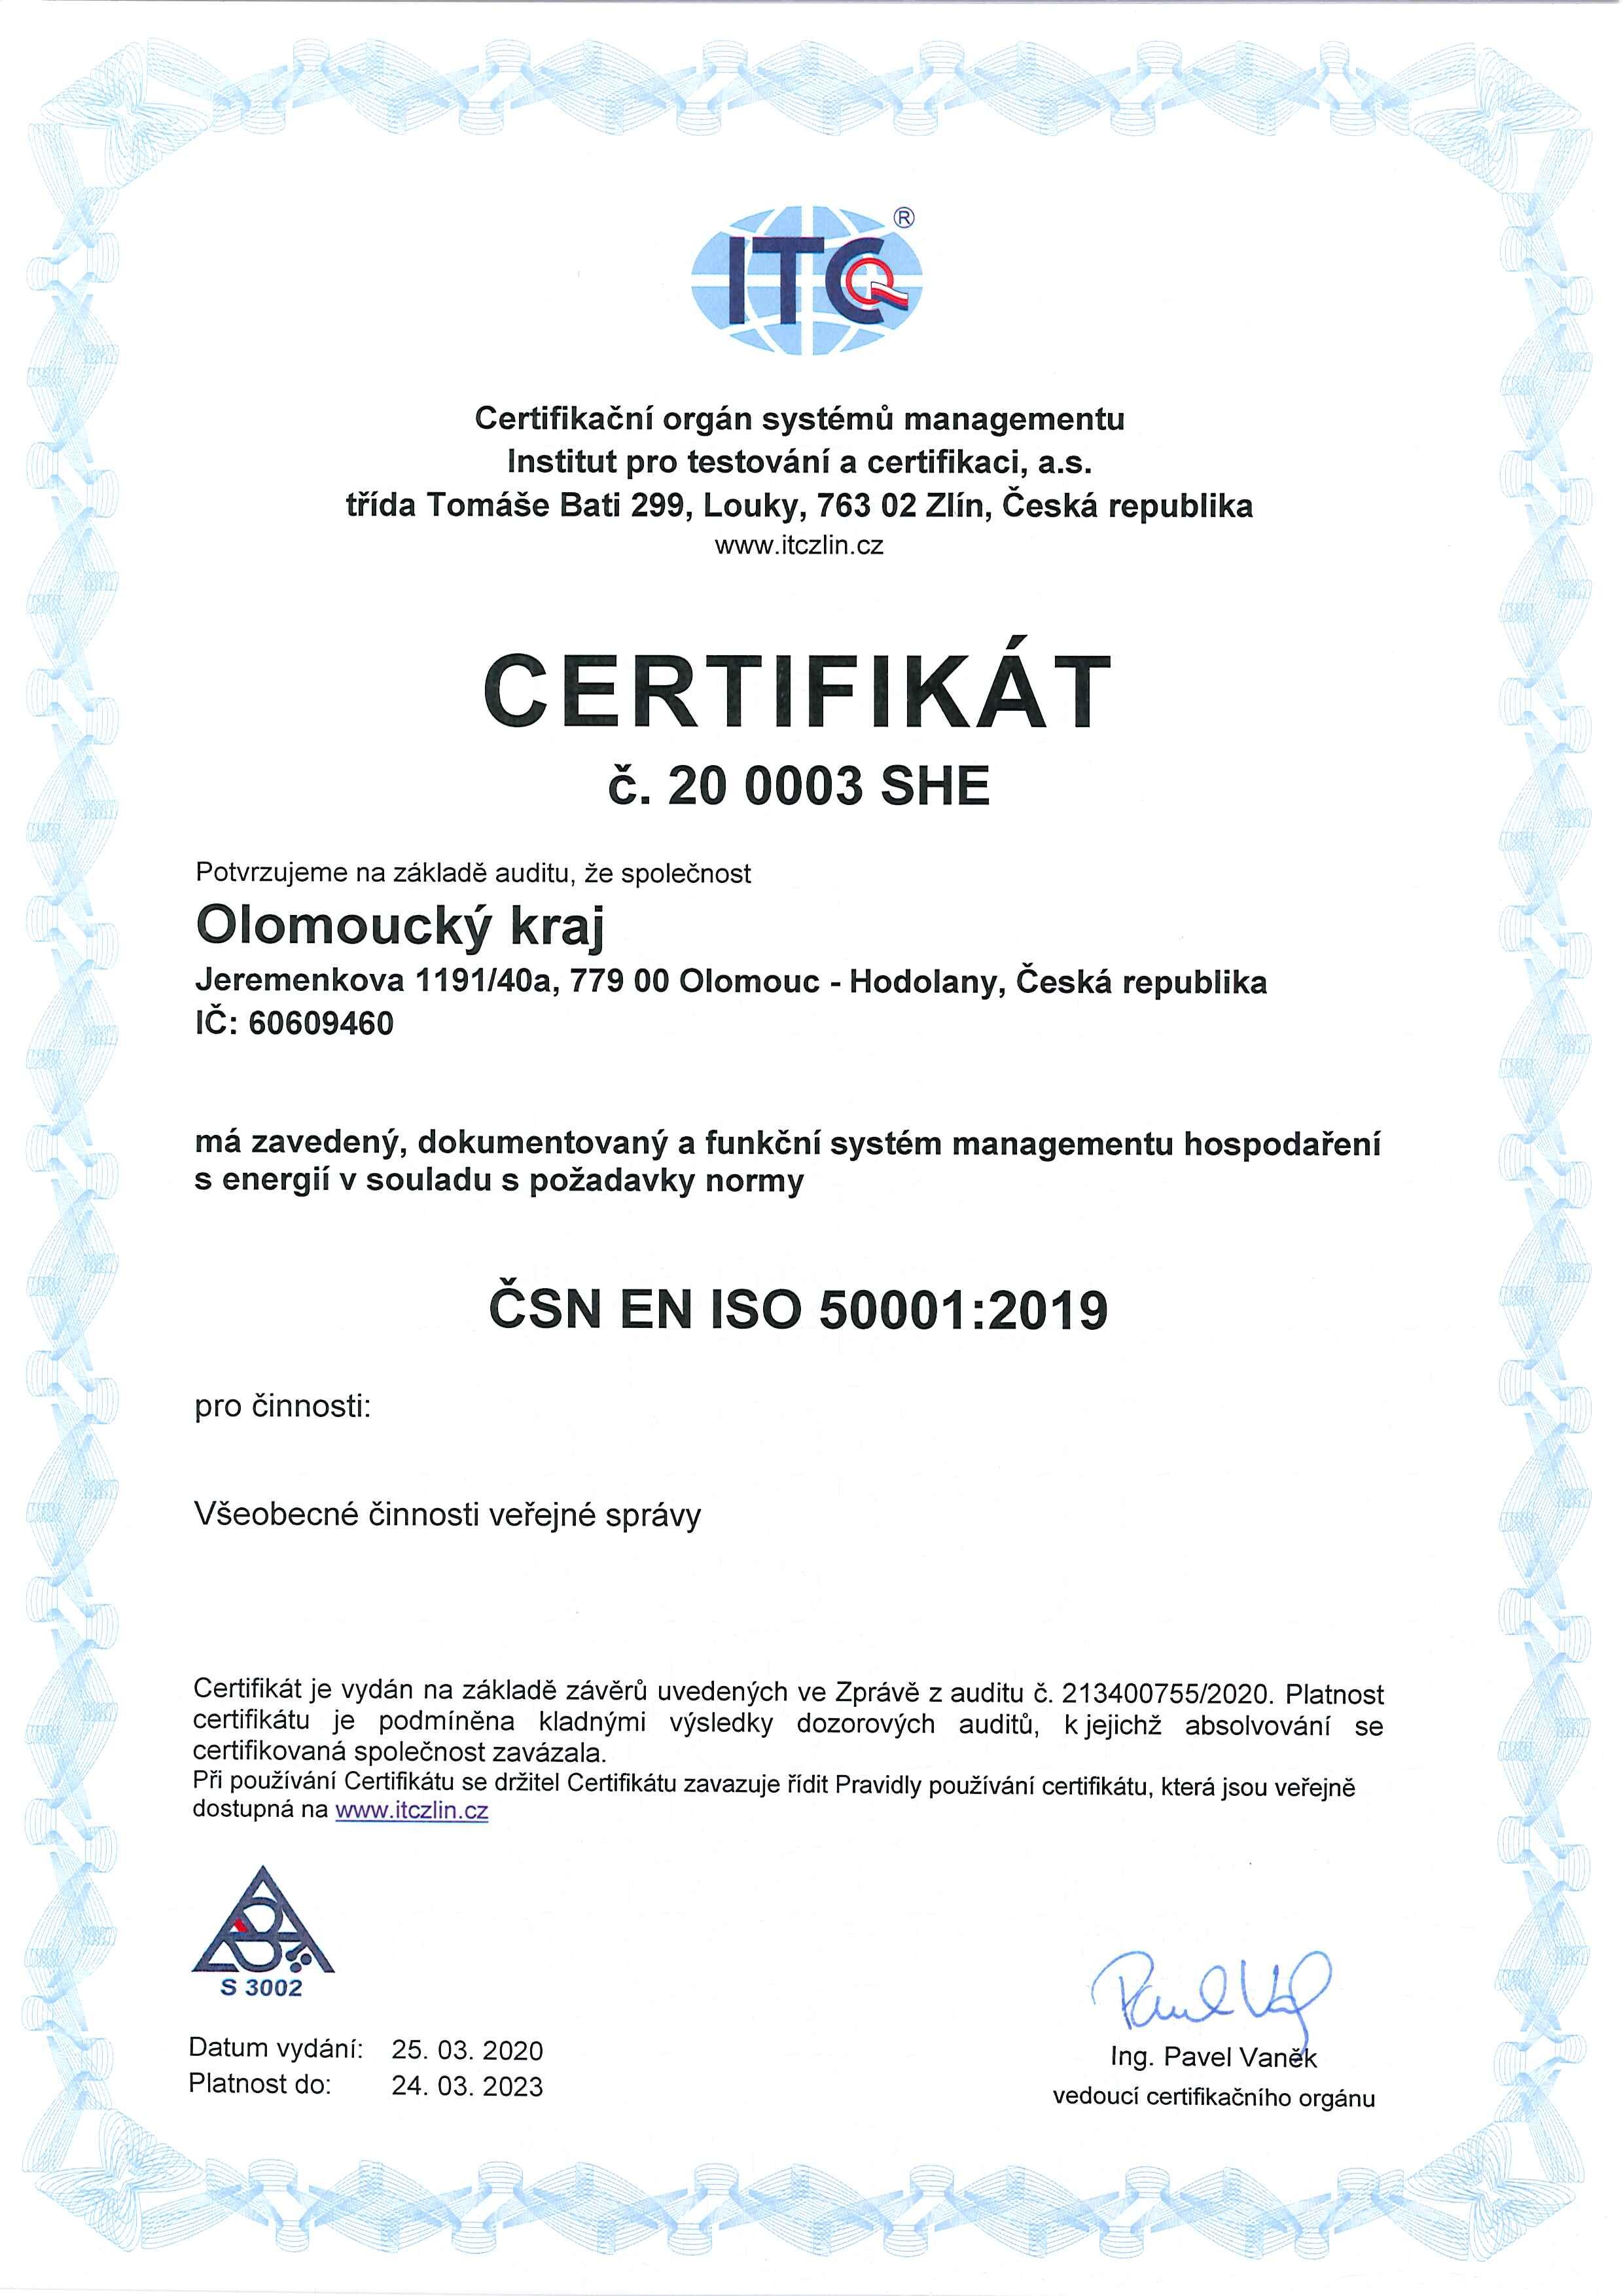 Hejtmanství získalo certifikát na systém managementu hospodaření s energií zdroj: OLK